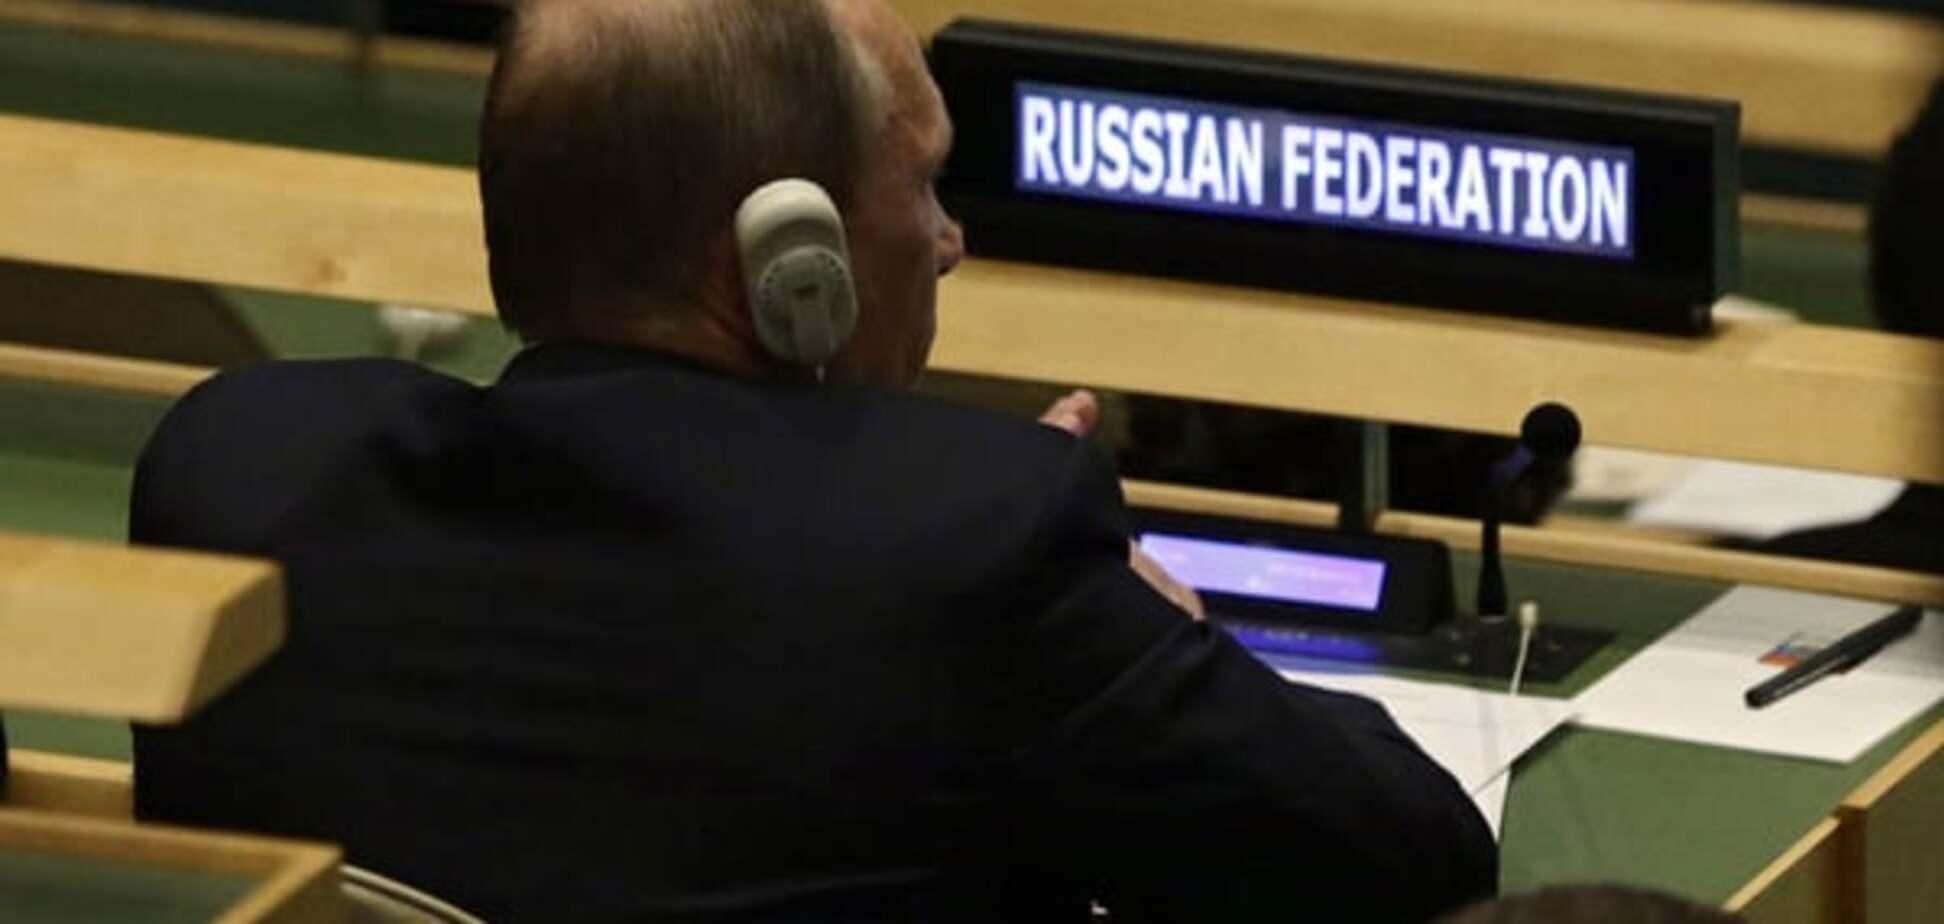 Дипломат про виступ Путіна в ООН: фарисейство і лицемірство